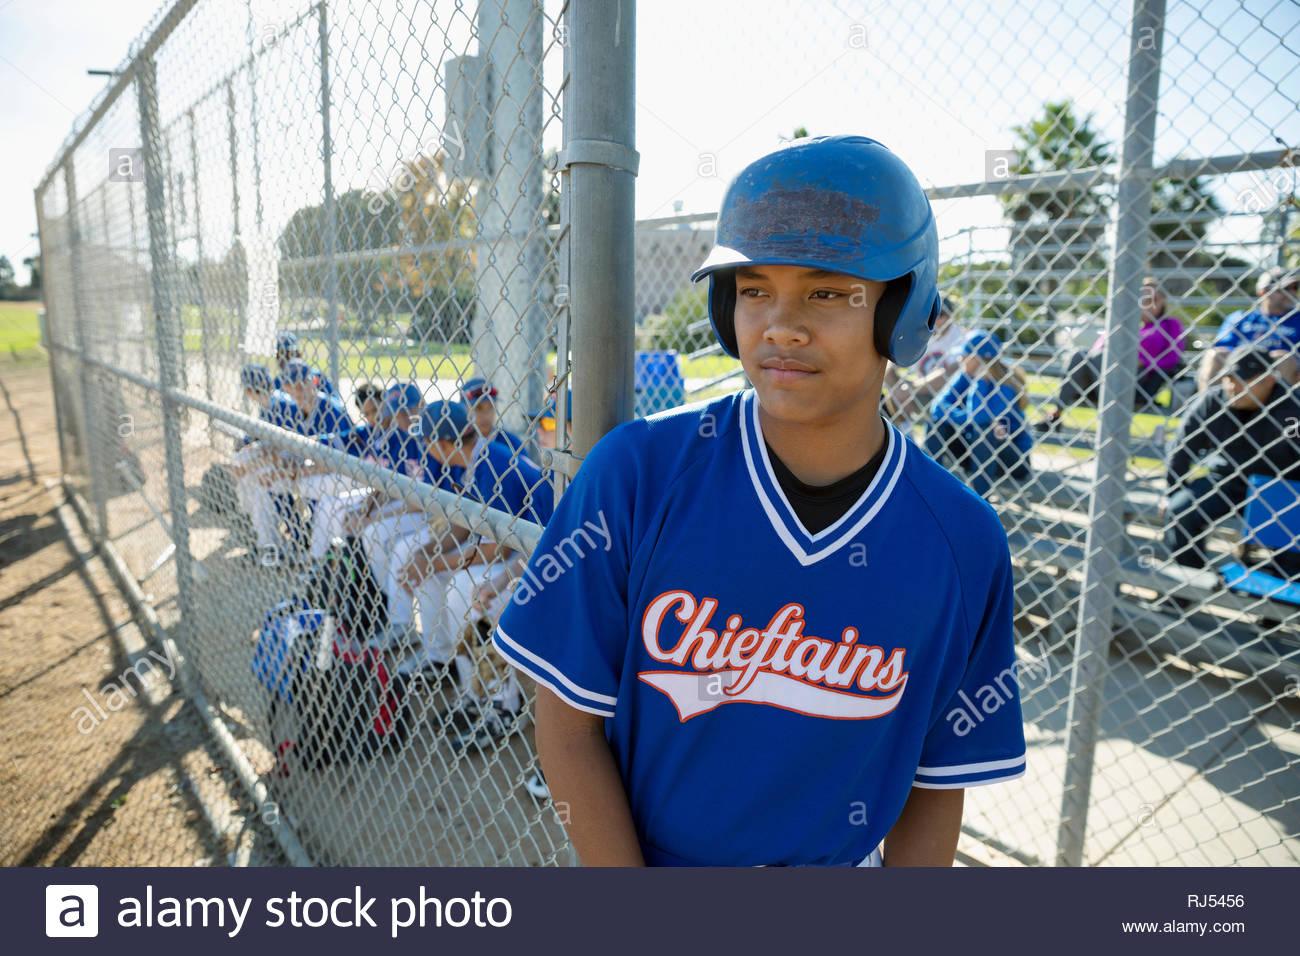 Enfocada, decidida Latinx jugador de béisbol Imagen De Stock